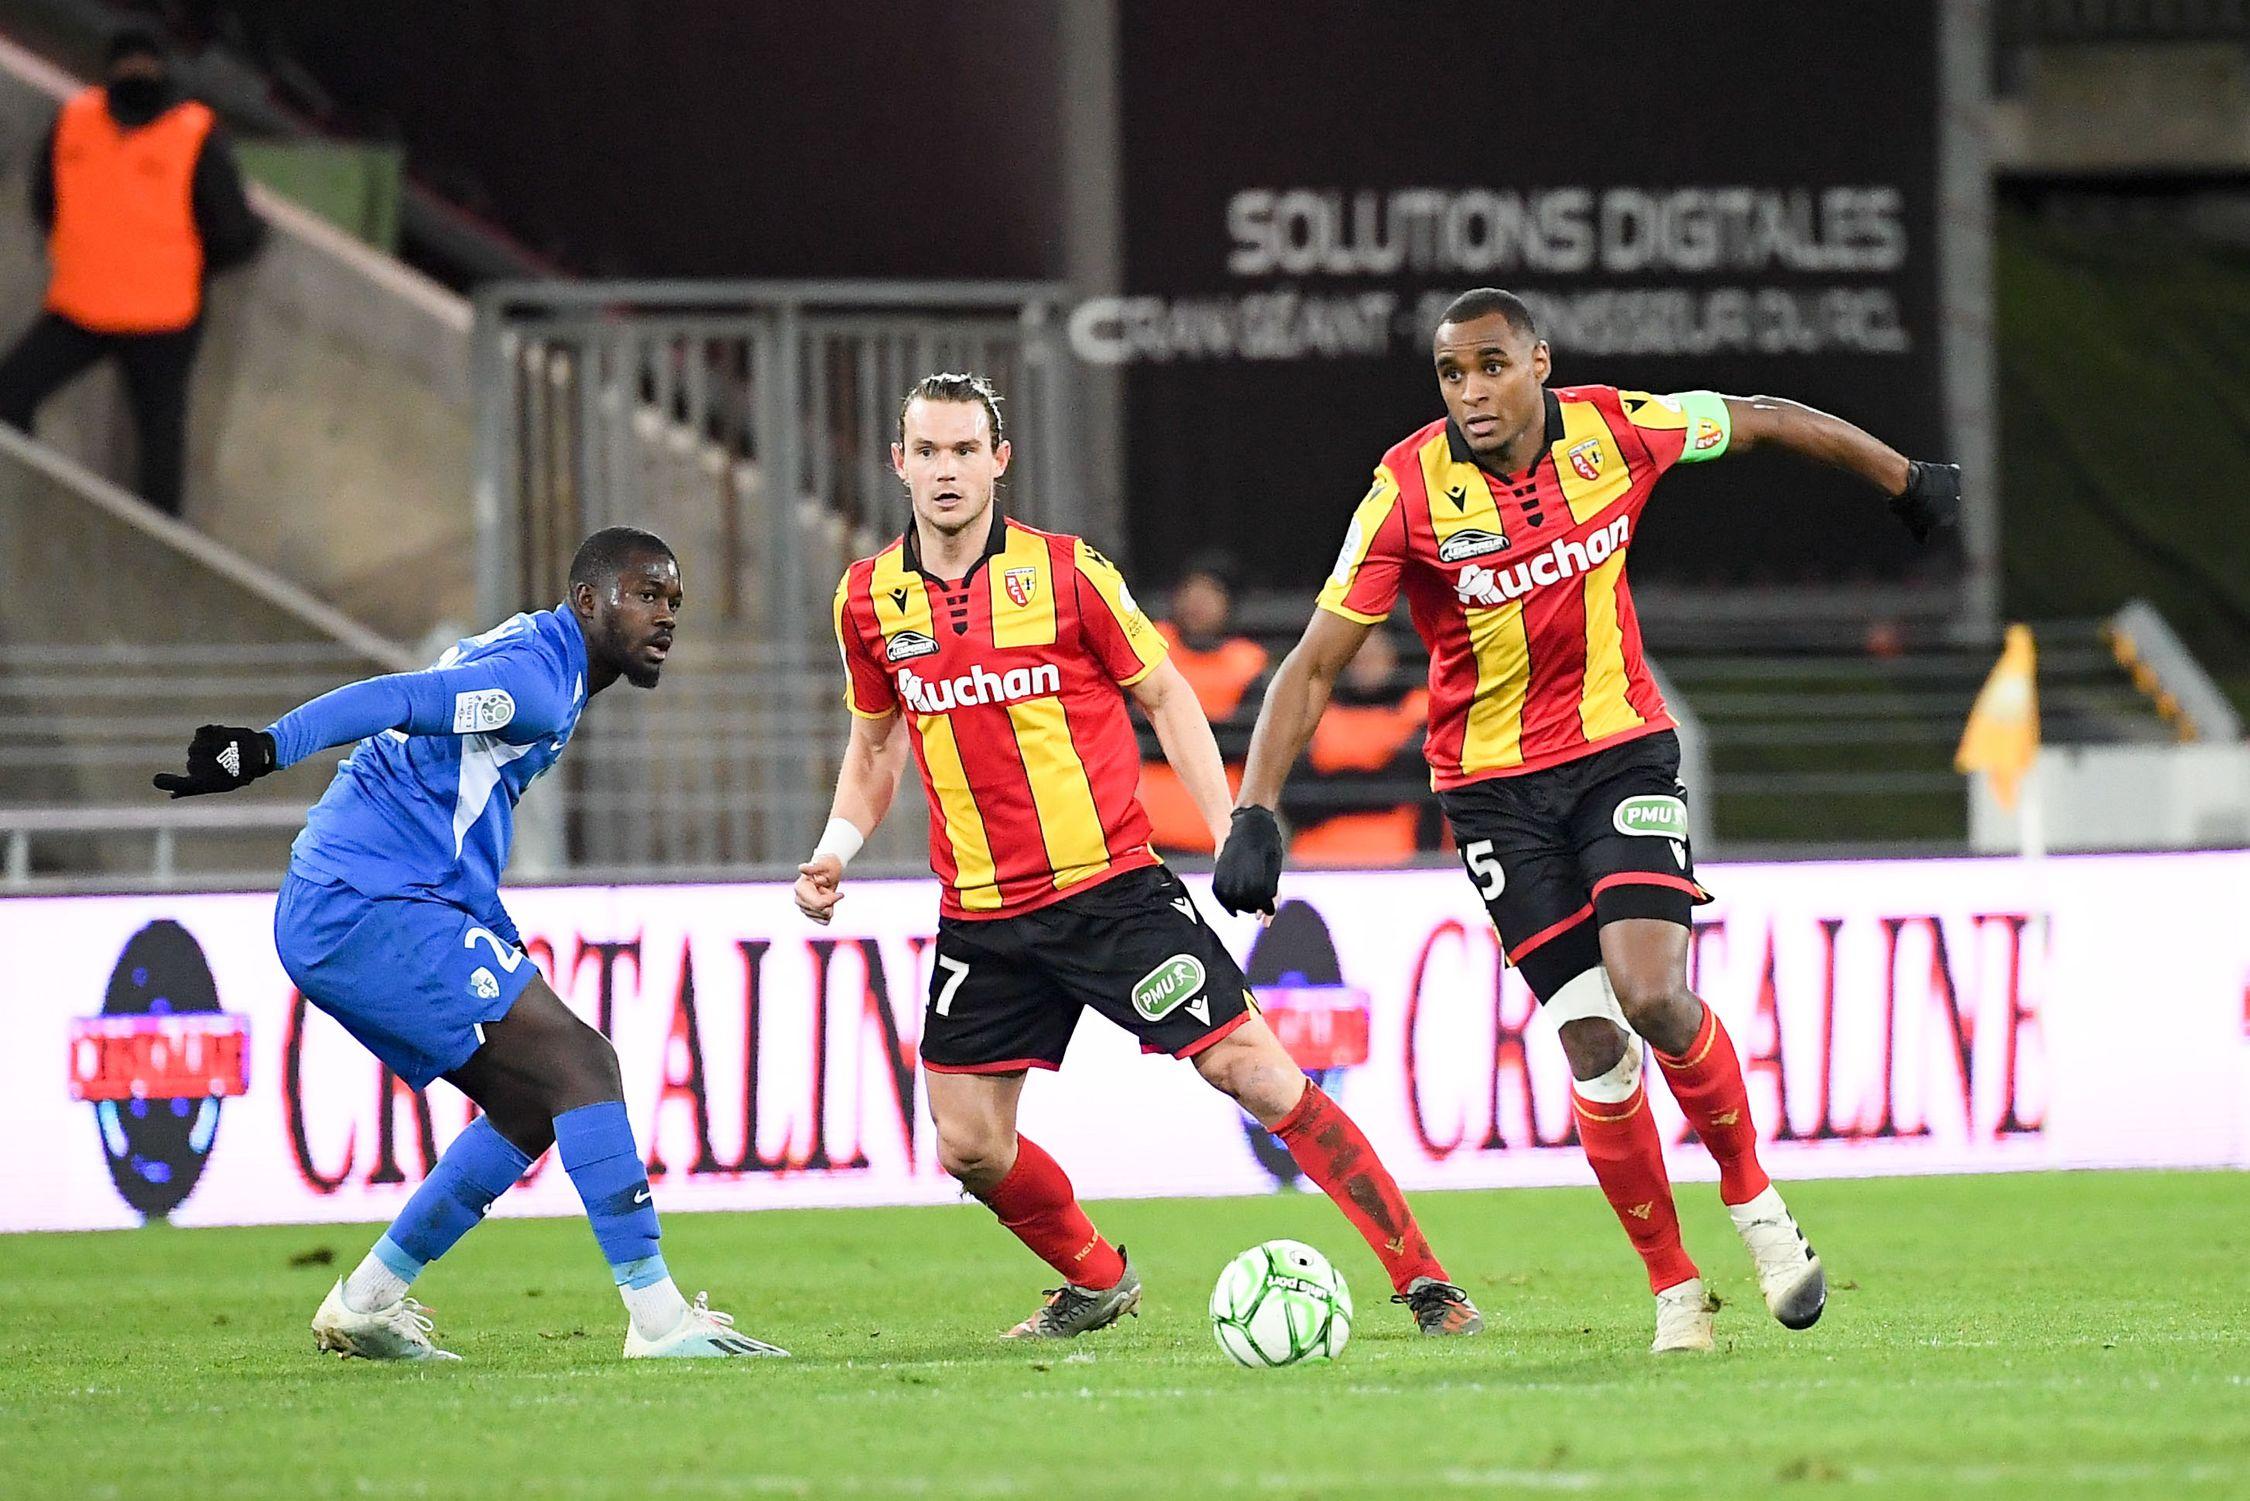 Football - Ligue 2 - Ligue 2 : Châteauroux-Lens en direct